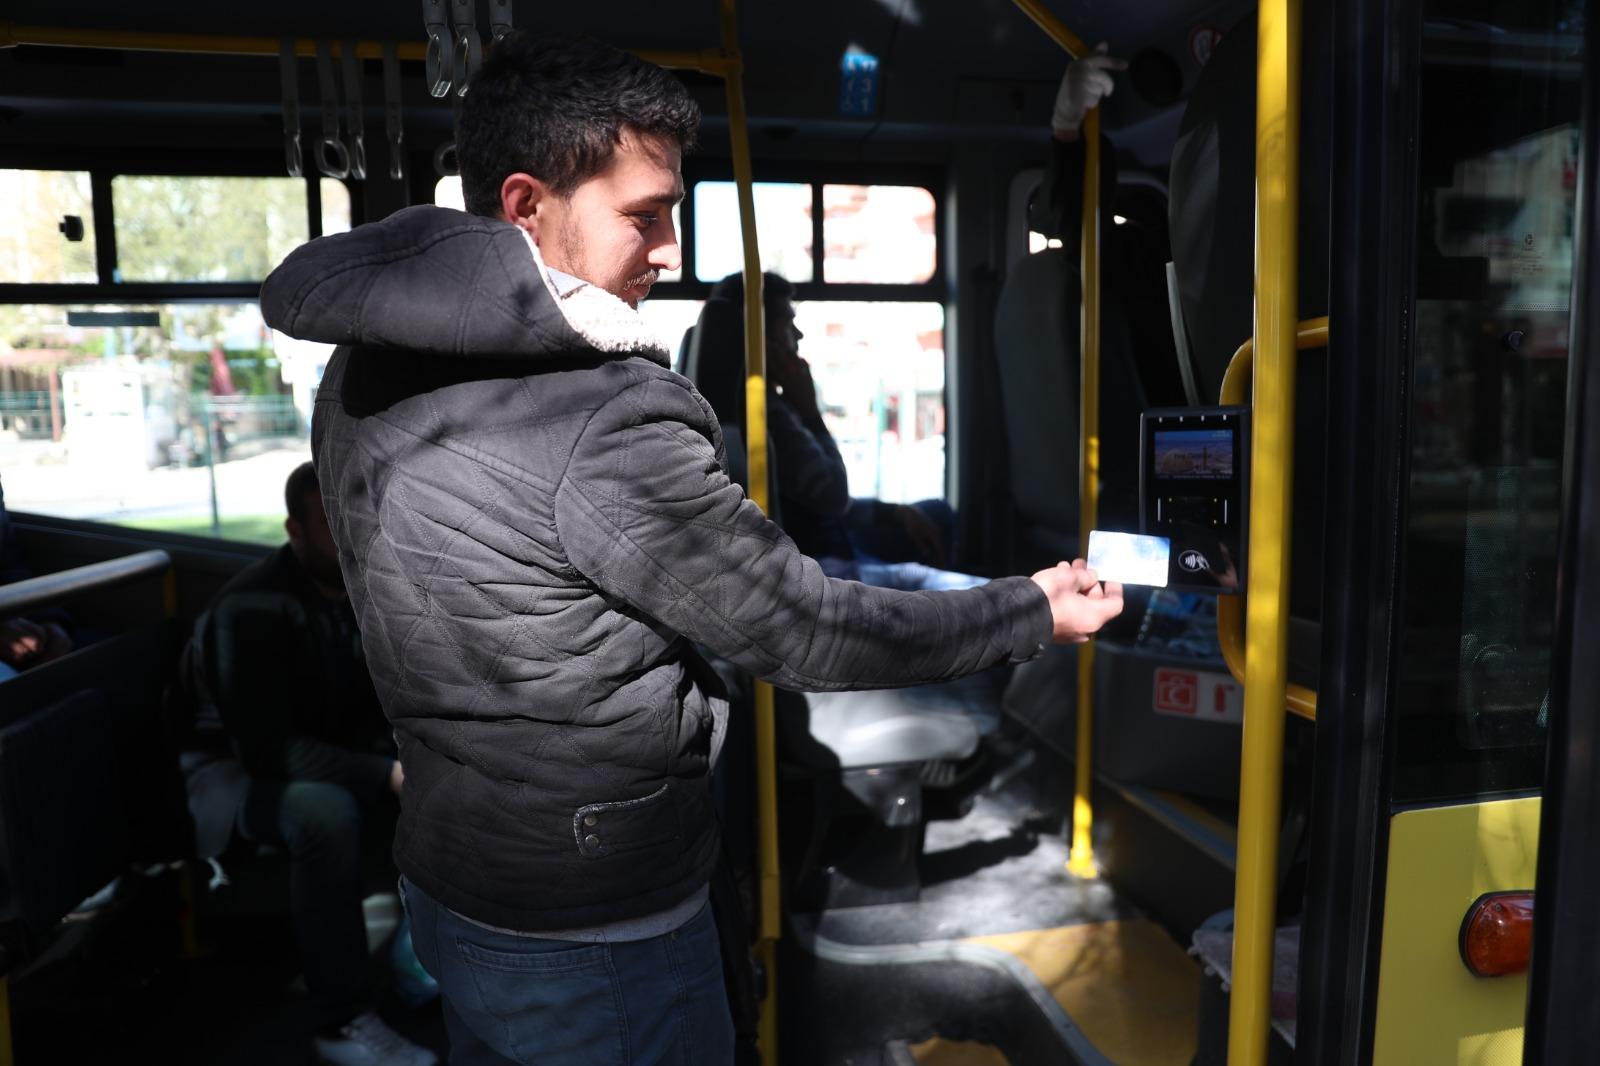 Mardin'de toplu taşımda akılı kart dönemi başladı